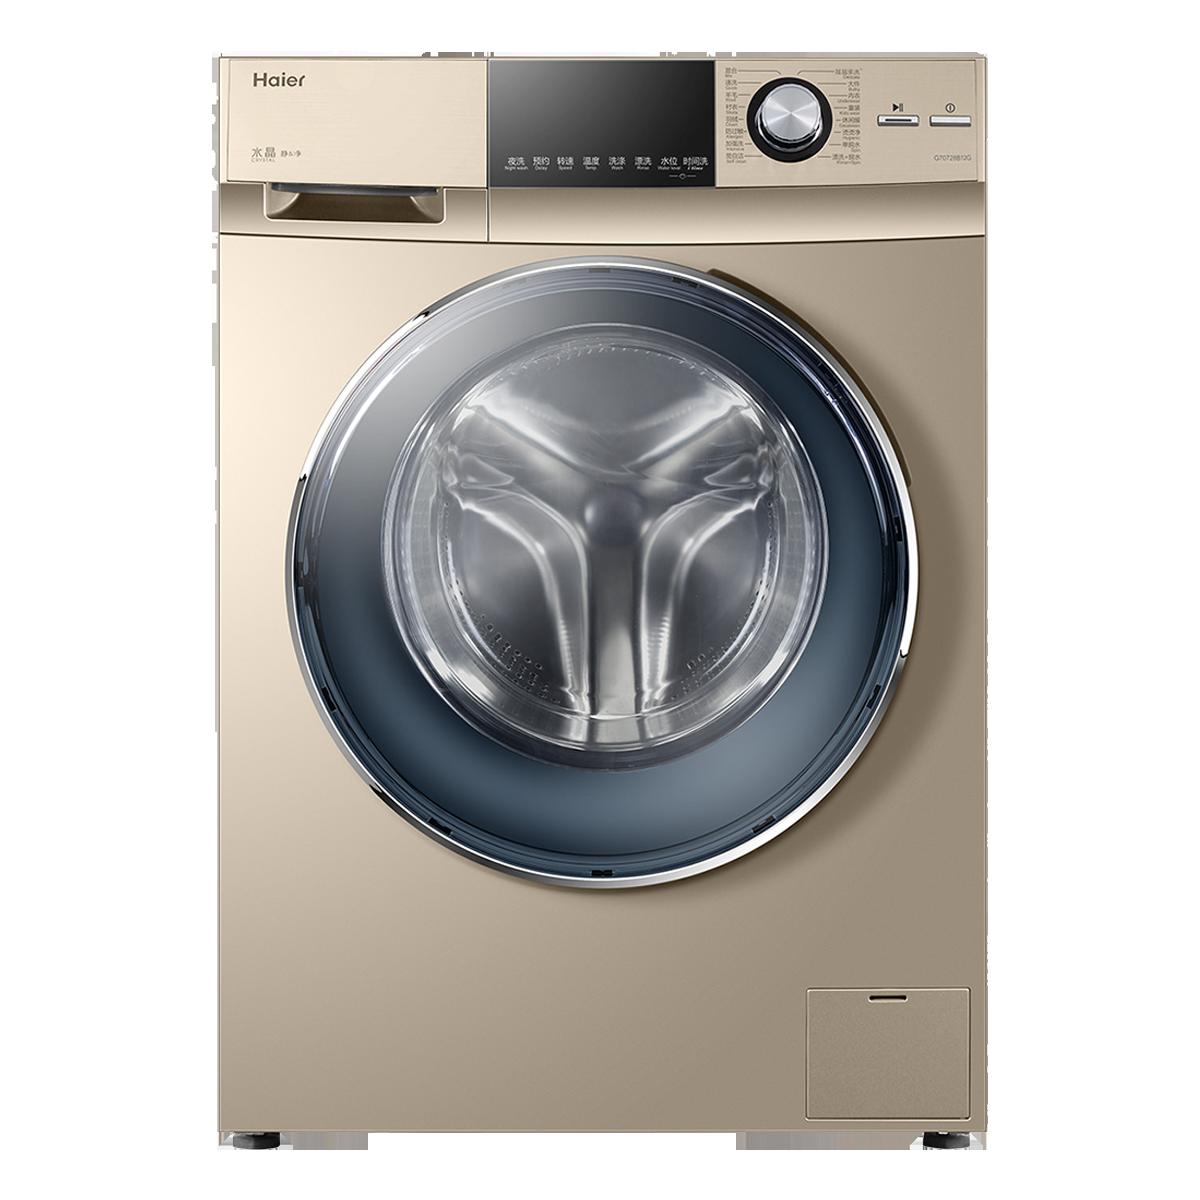 海尔Haier洗衣机 G70728B12G 说明书